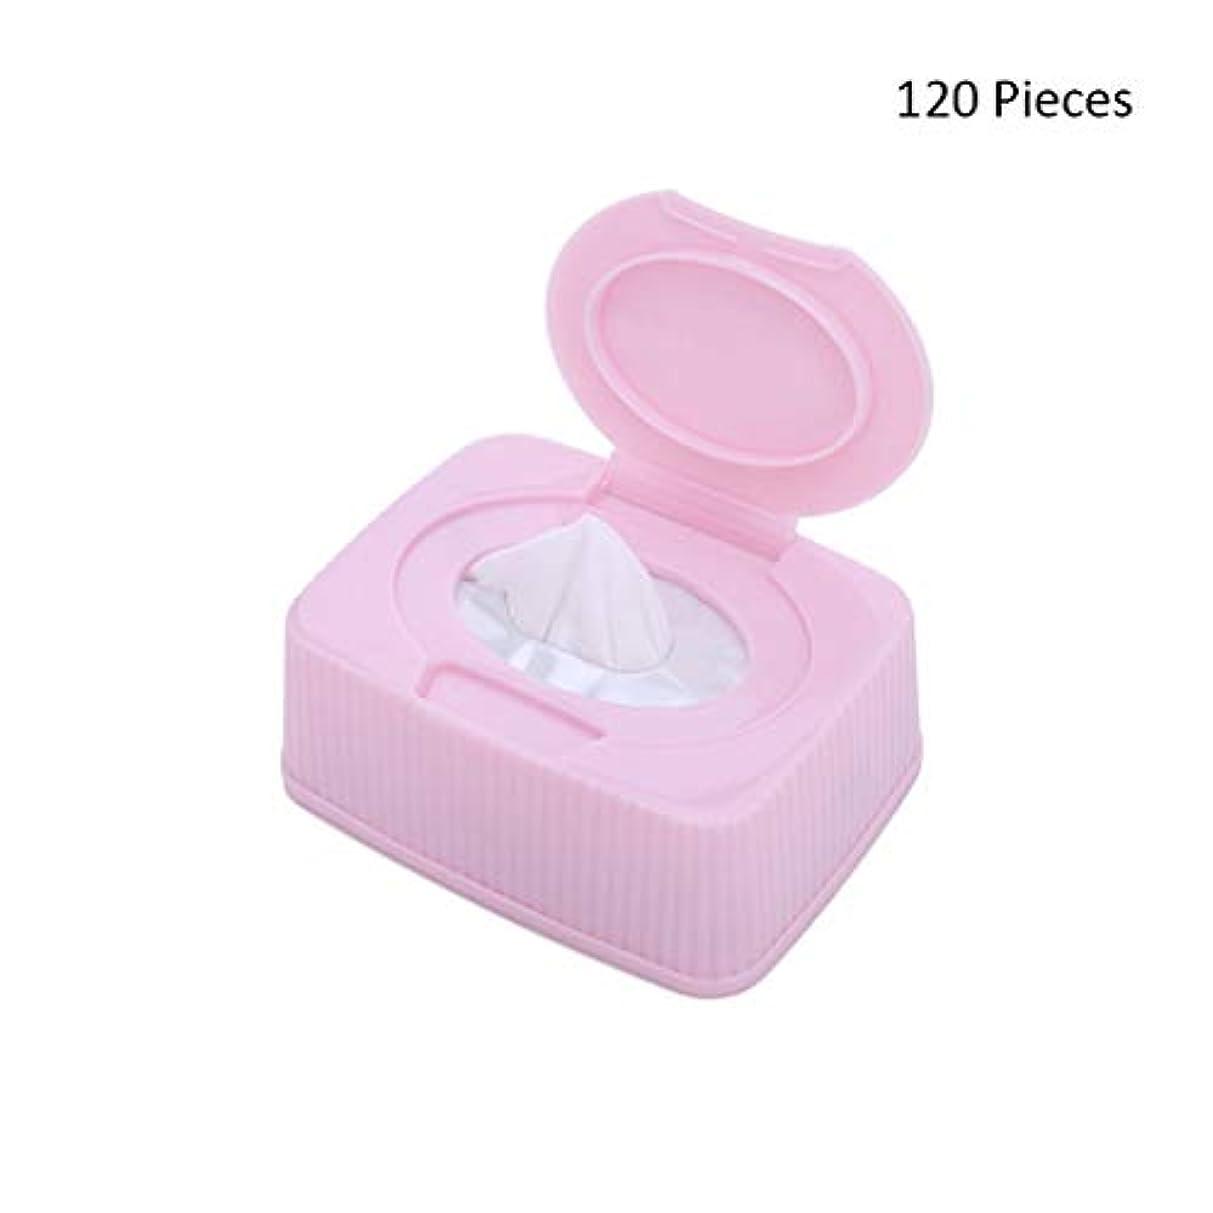 めったに引退する少し120ピース/ボックスフェイスメイク落としフェイシャル化粧品リムーバーパッドメイクアップコットンクリーナースキンケアワイプフェイスウォッシュコットンパッド (Color : Pink, サイズ : 120 pieces)